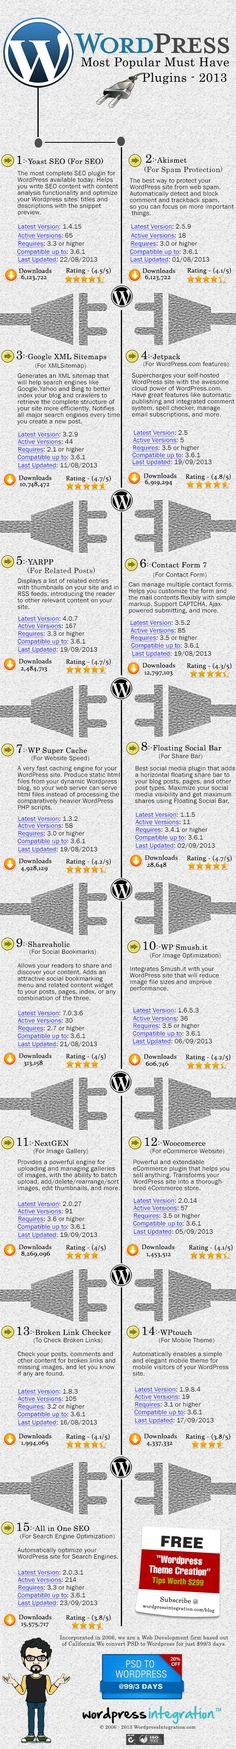 Top WordPress plugins for 2013 #wordpress #blog #blogging